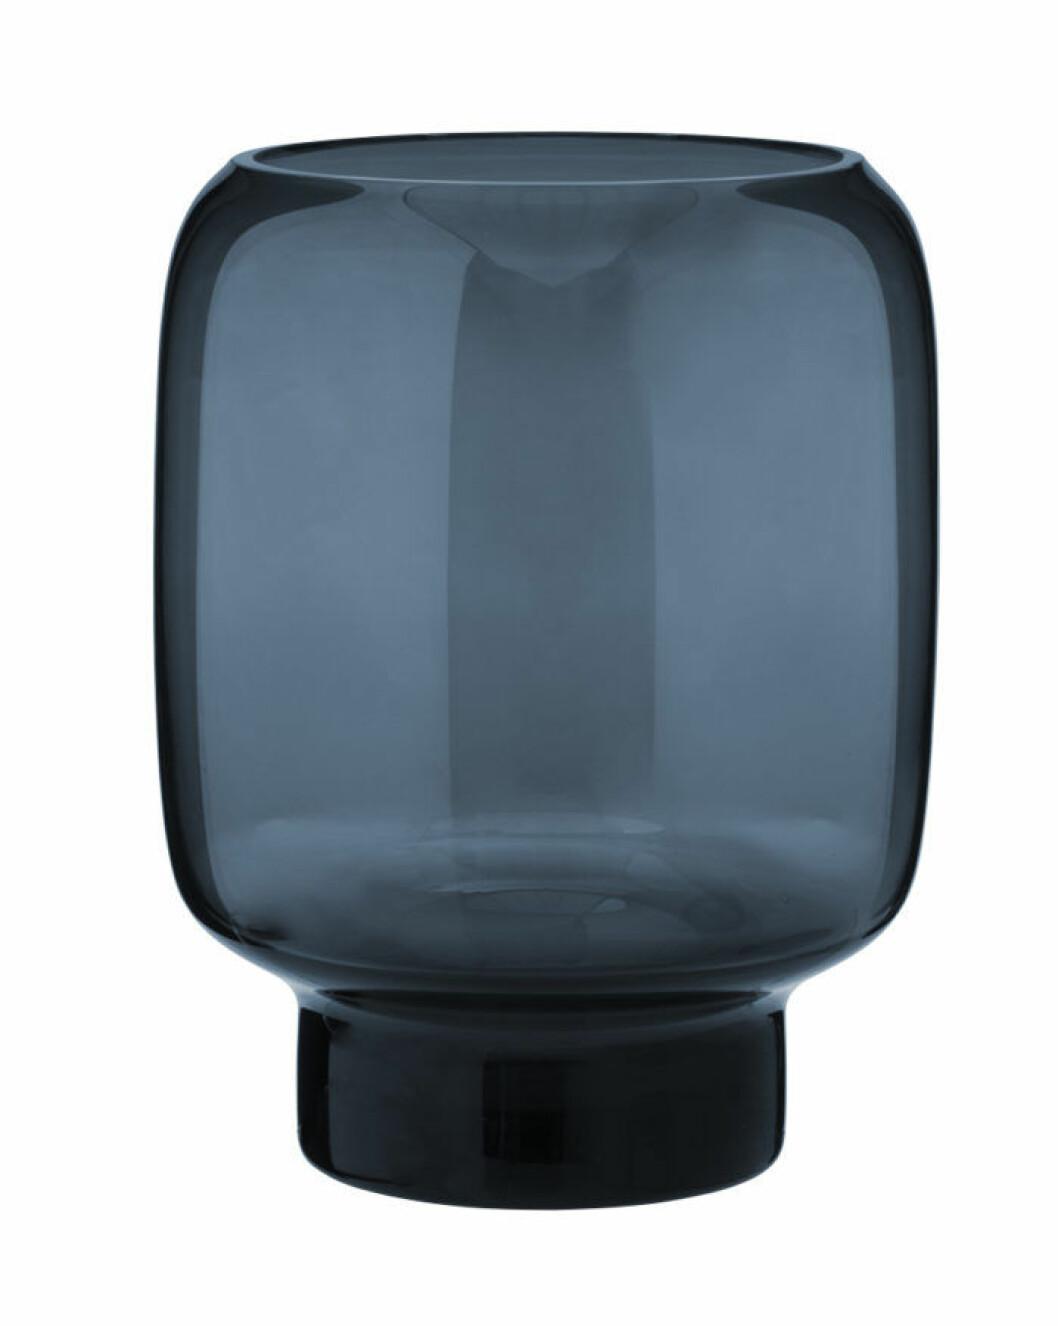 Mörkblå vas i genomskinligt glas